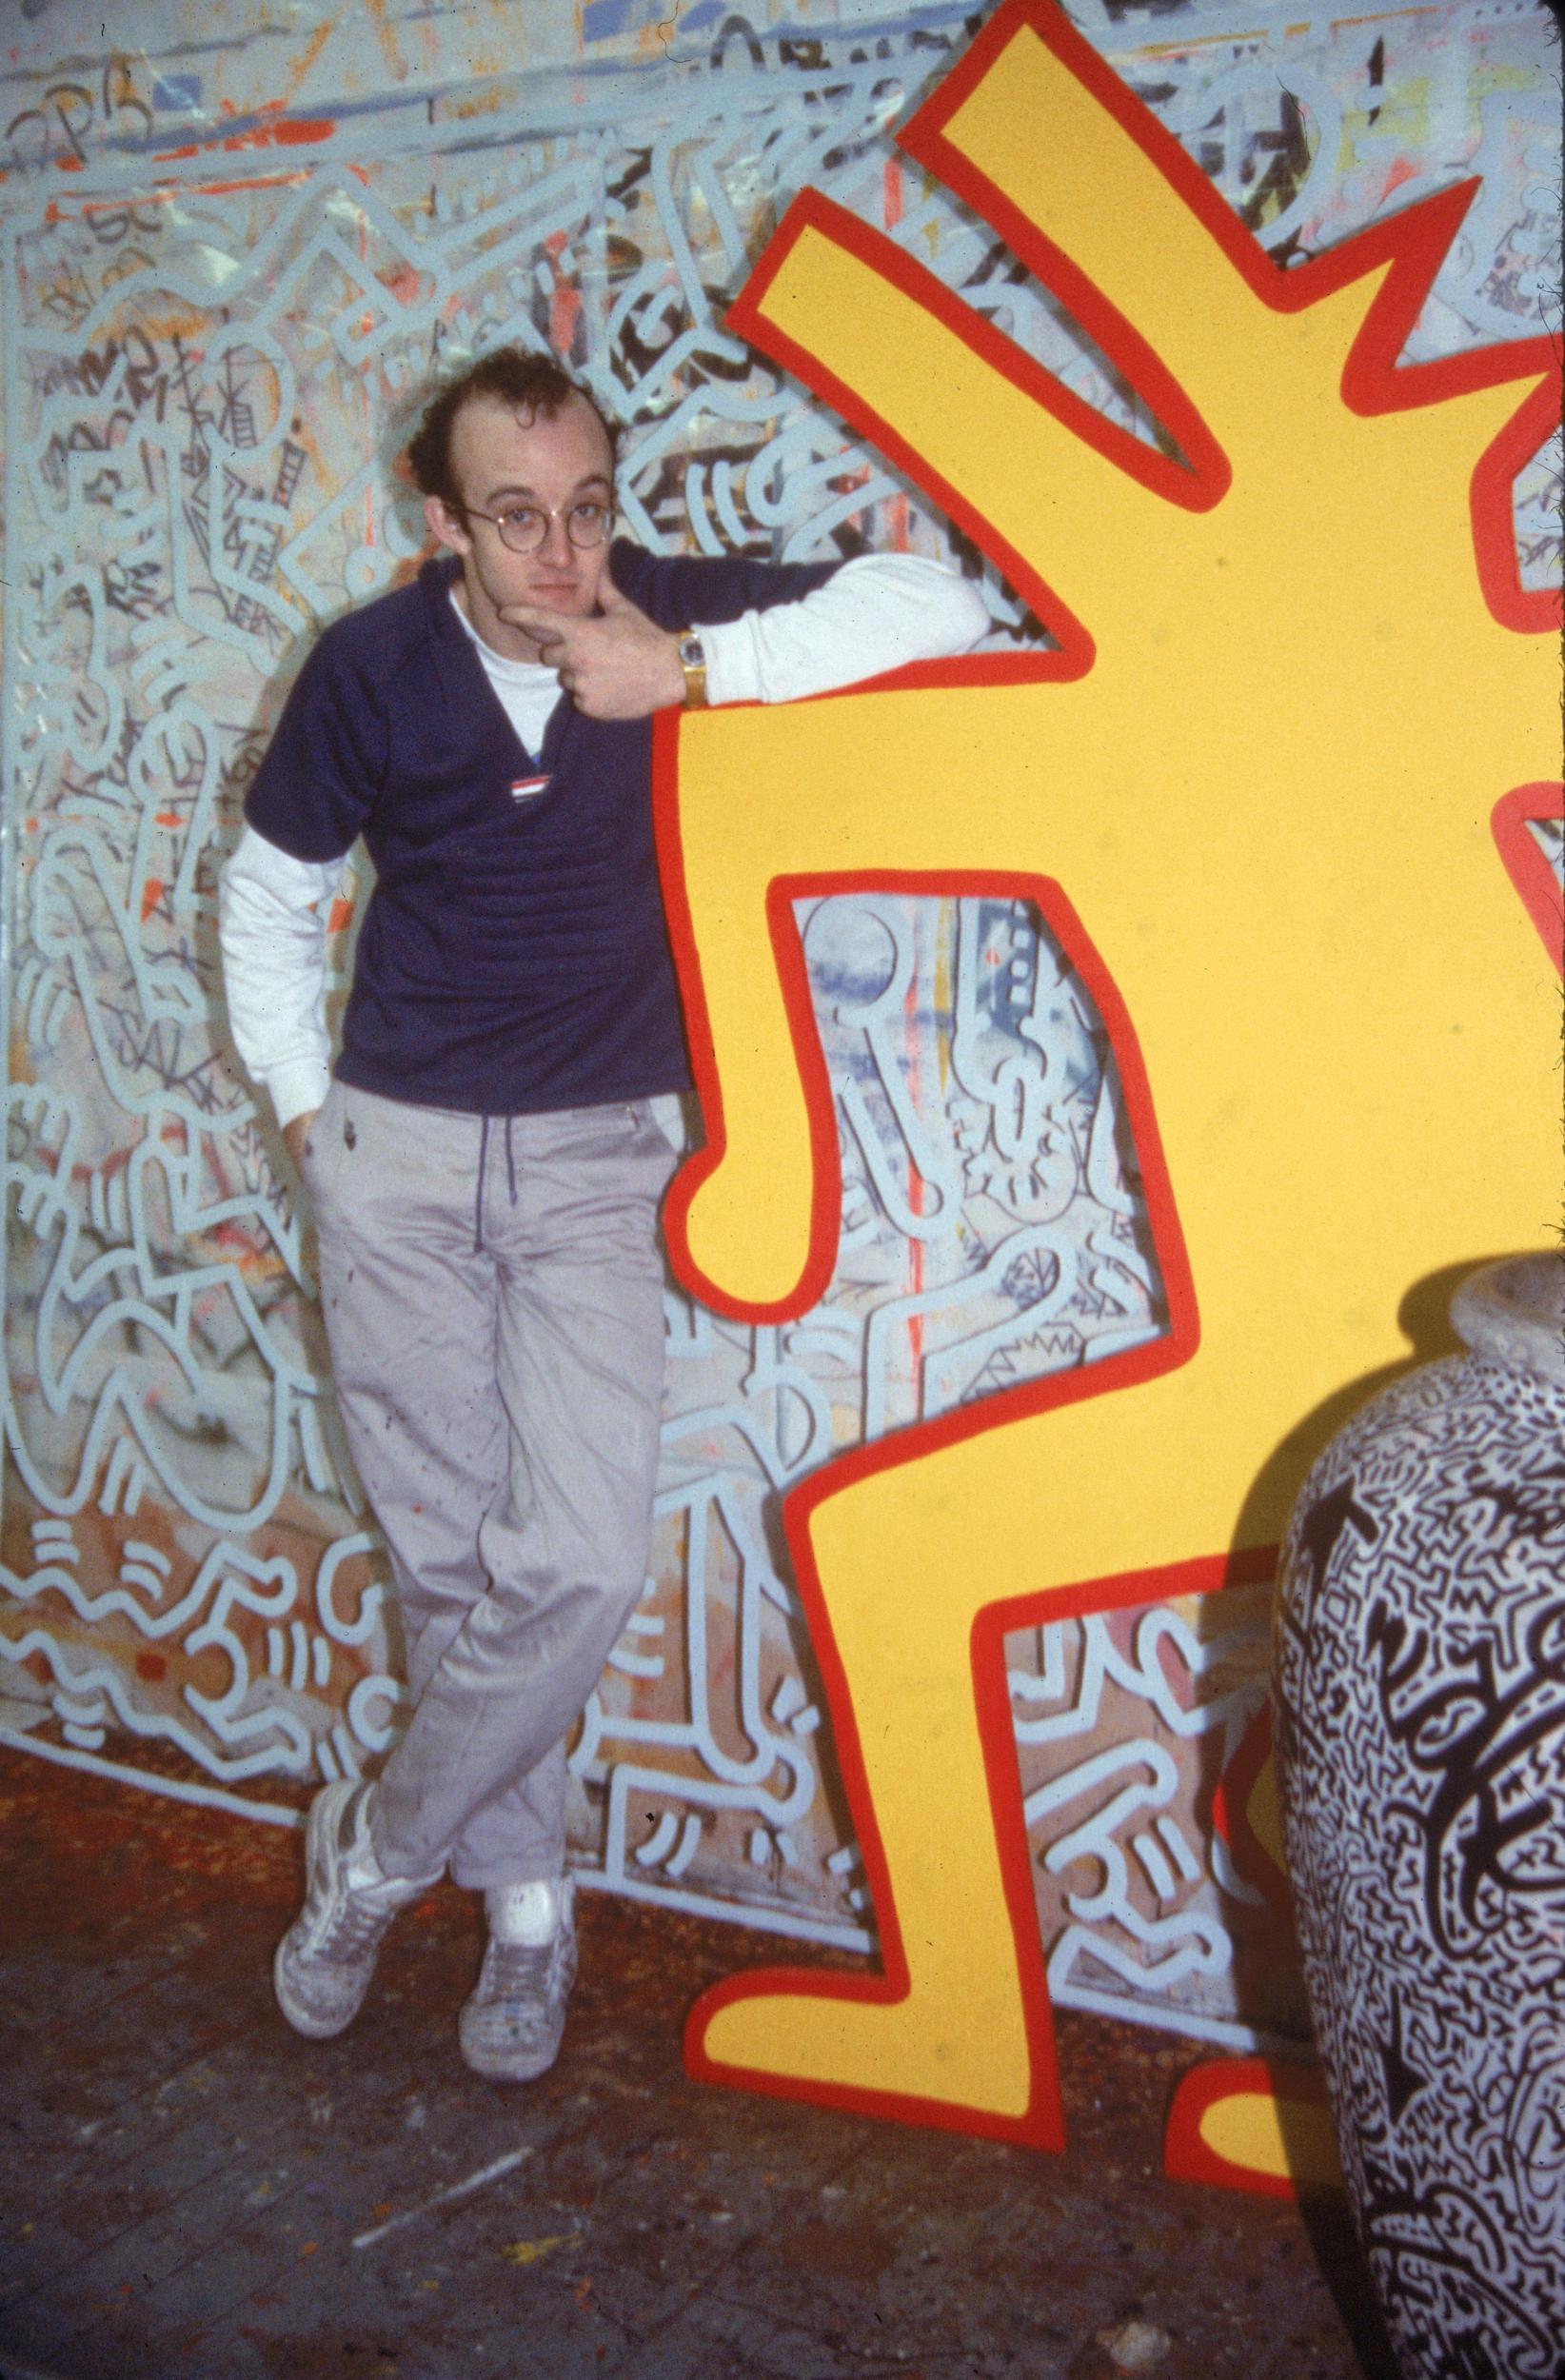 keith-haris-desenho-nova-york-anos-80-aids-dionisio-arte (5)